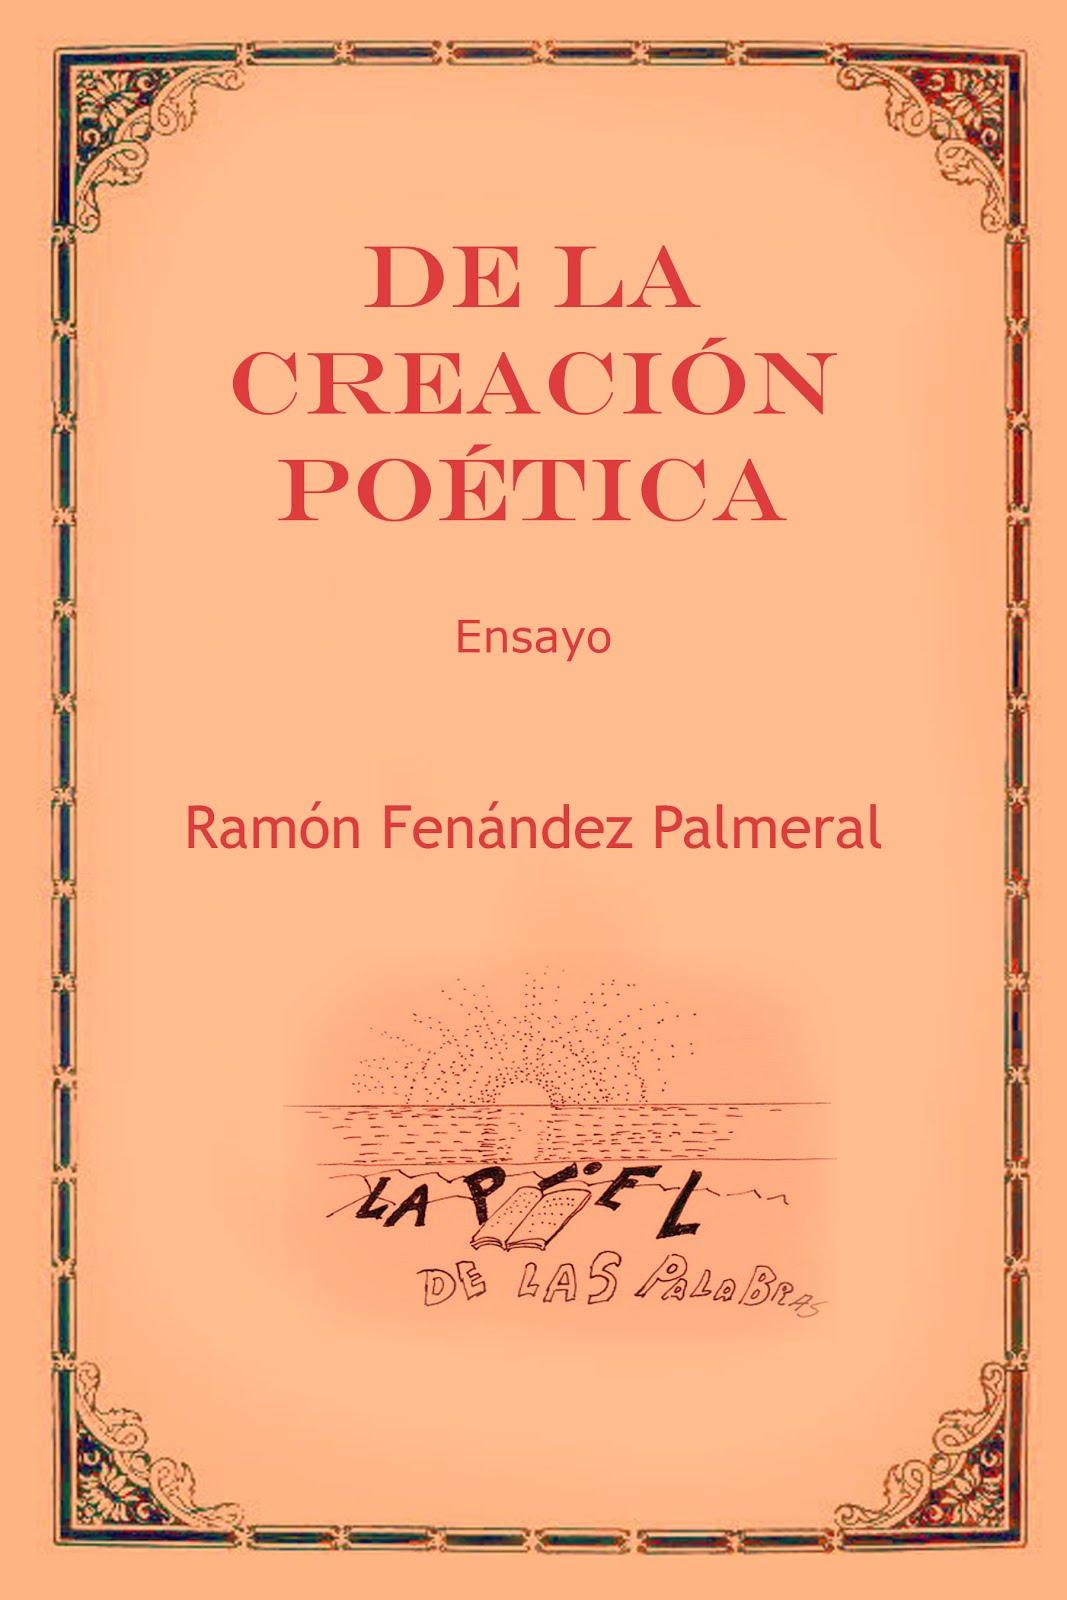 De la creación poética